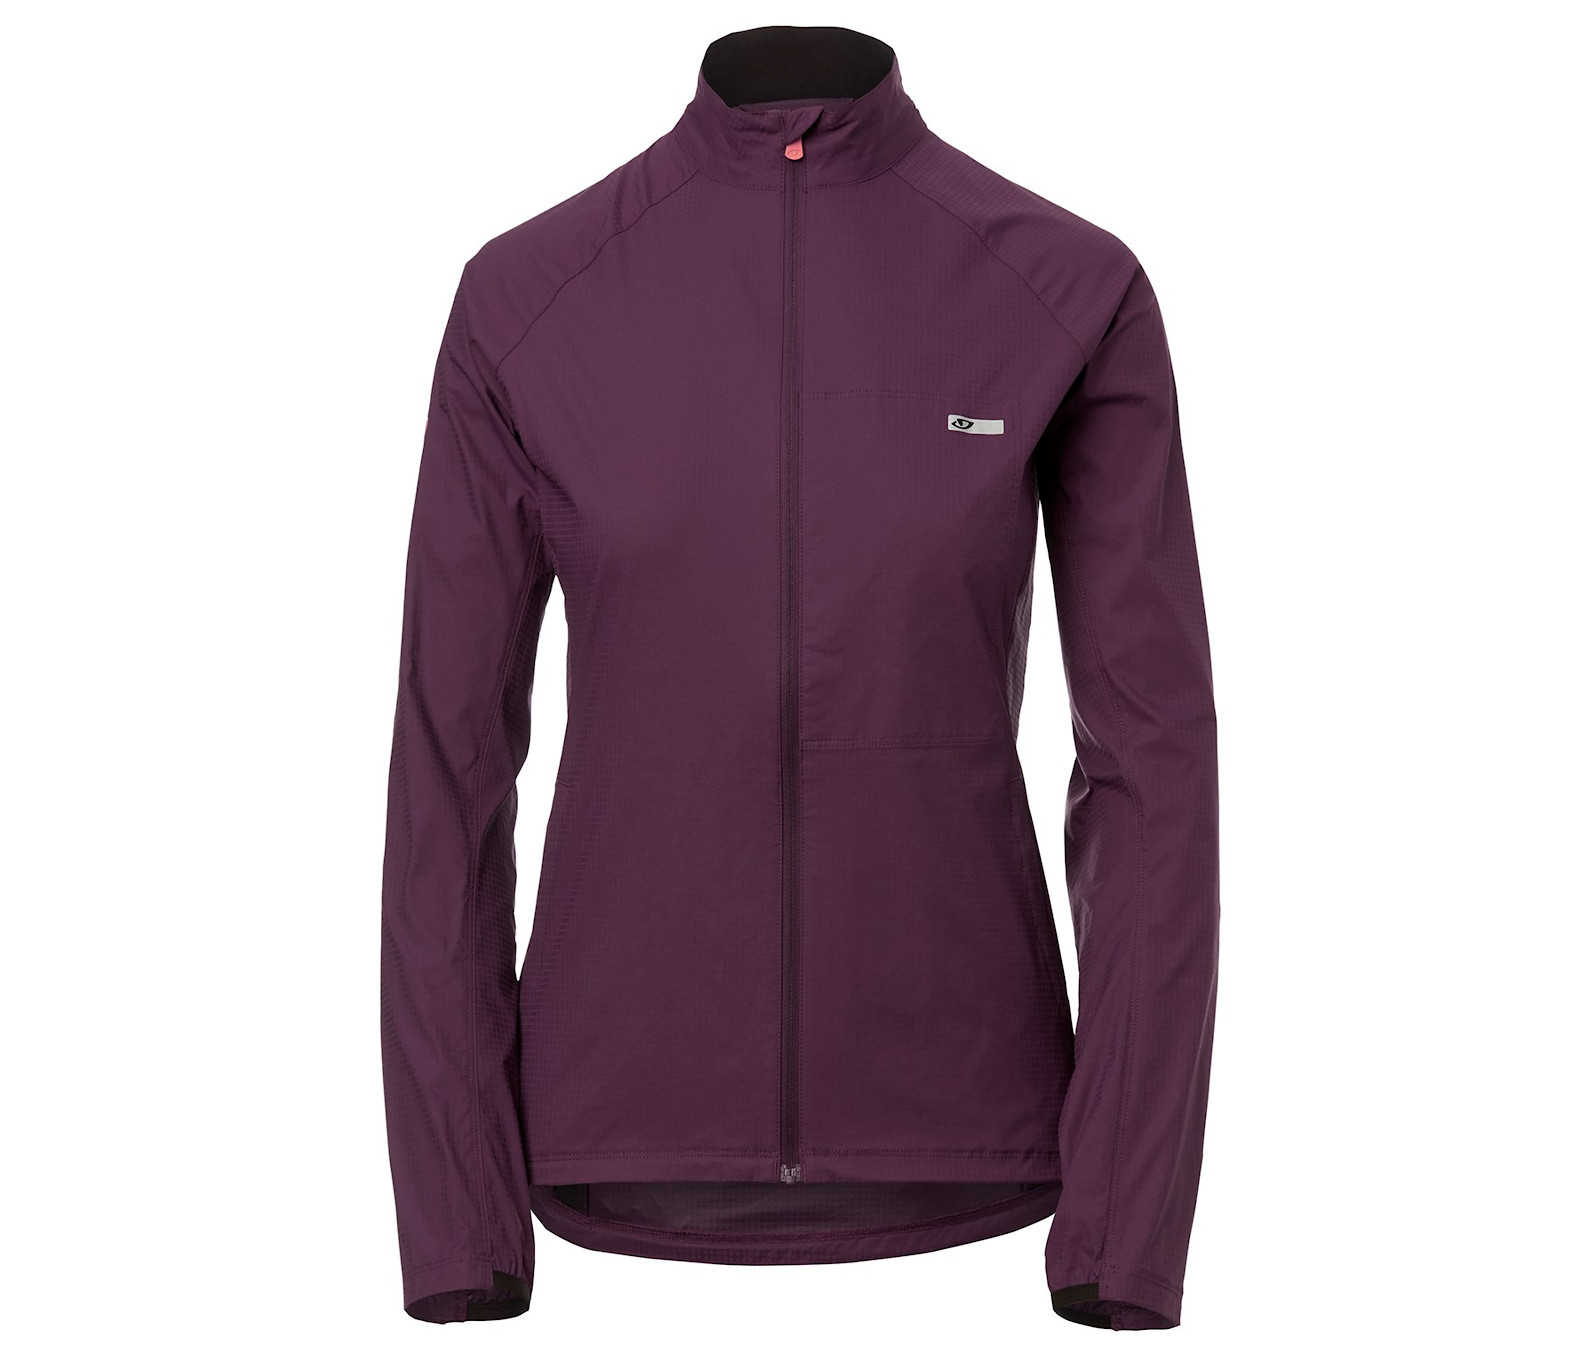 Giro Women's Stow Jacket (Dusty Purple)